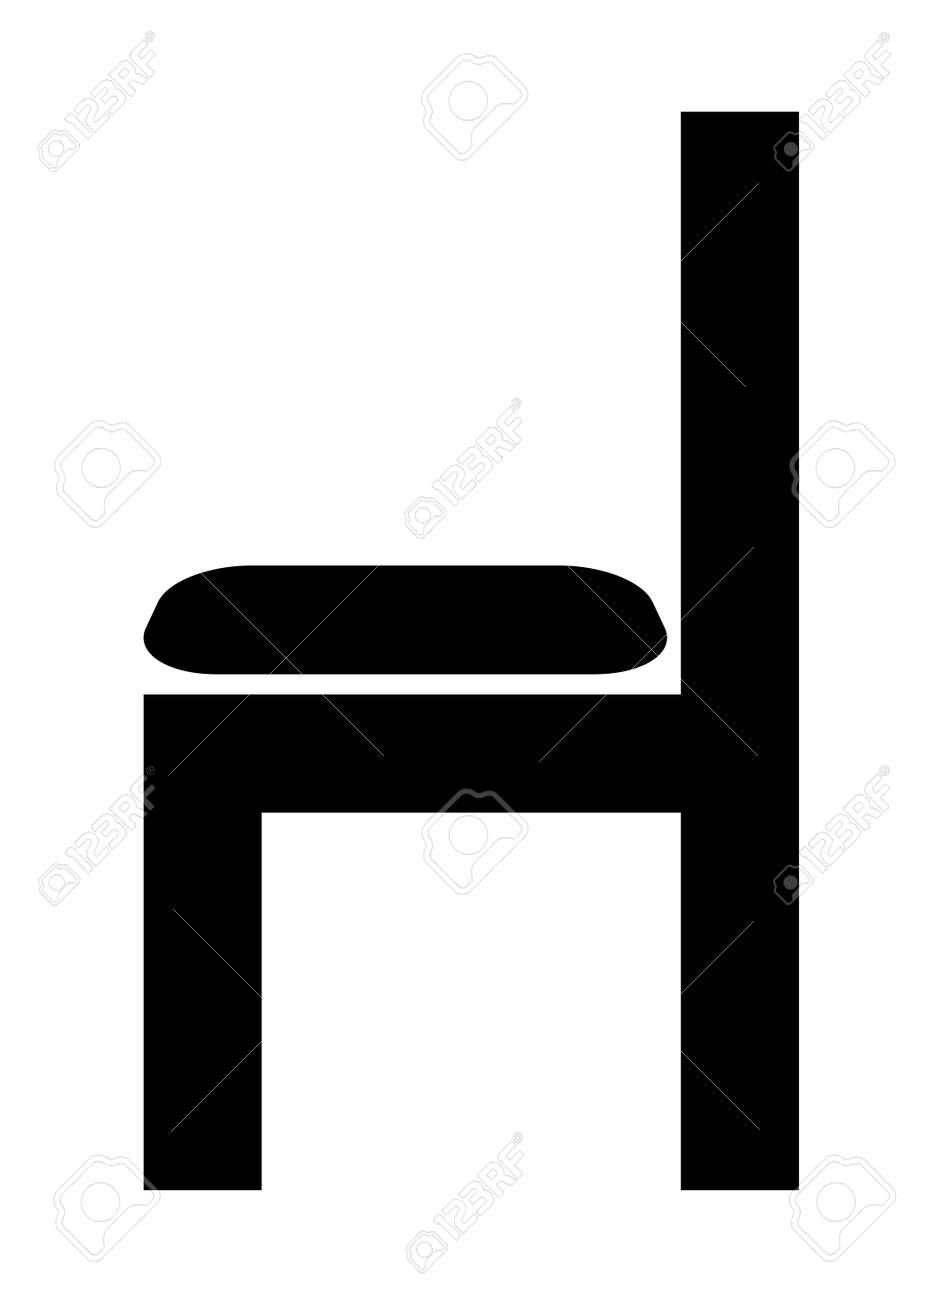 Chair silhouette - 157730572